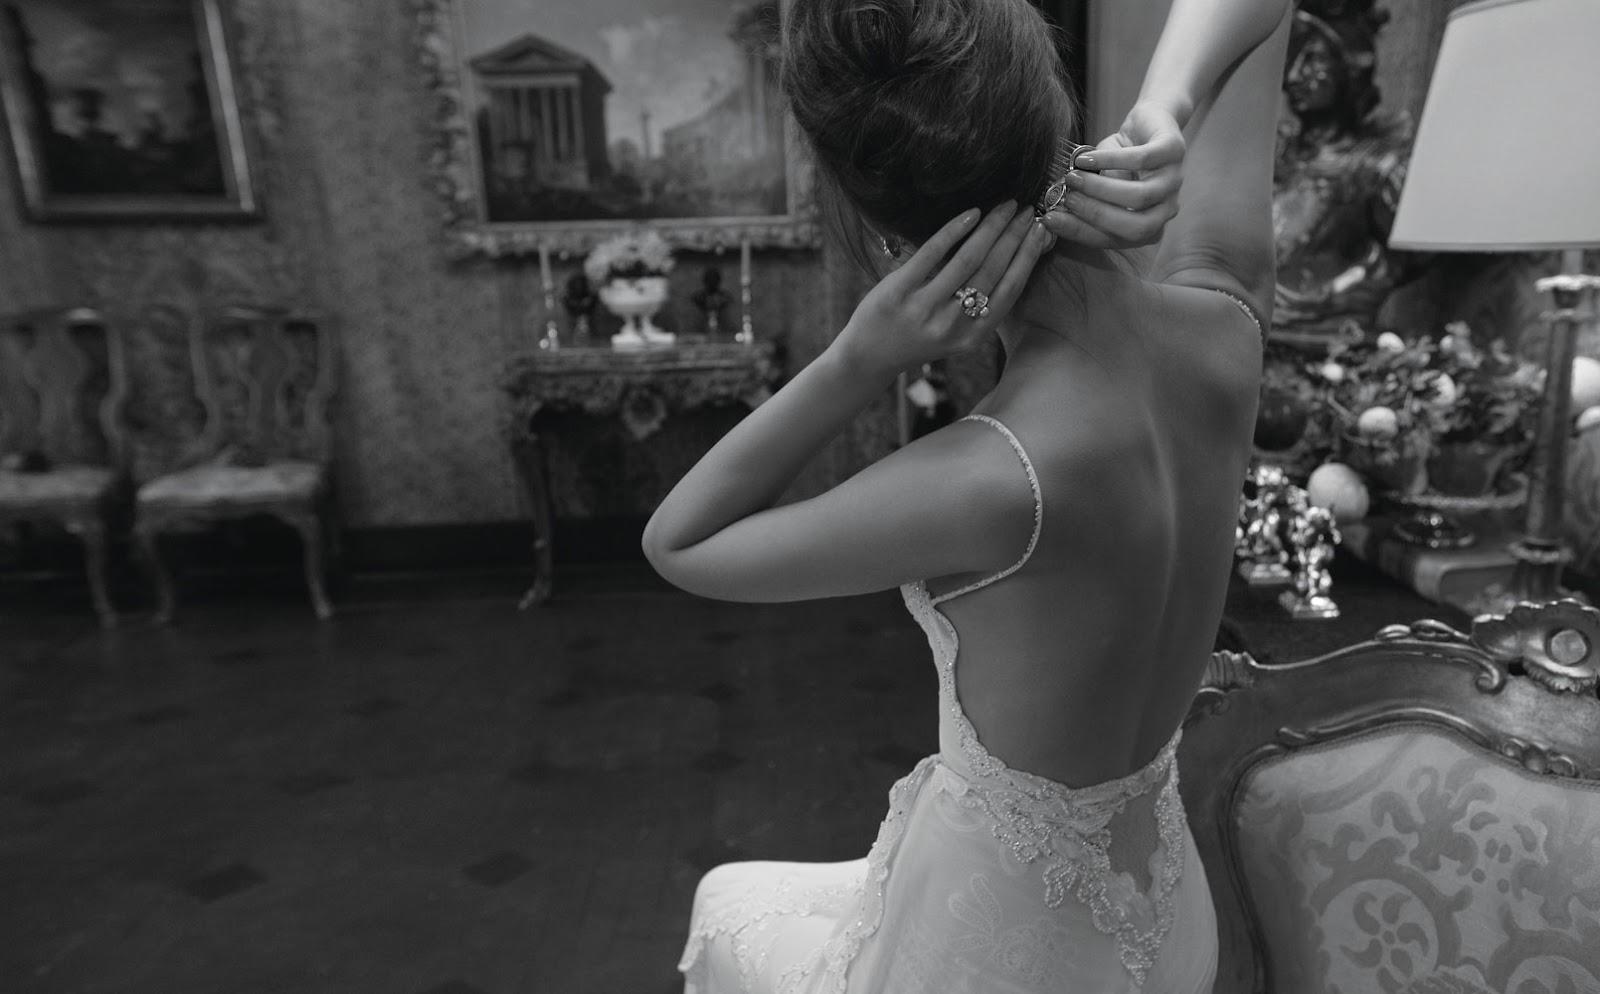 Фото со спины рыжих невест 6 фотография